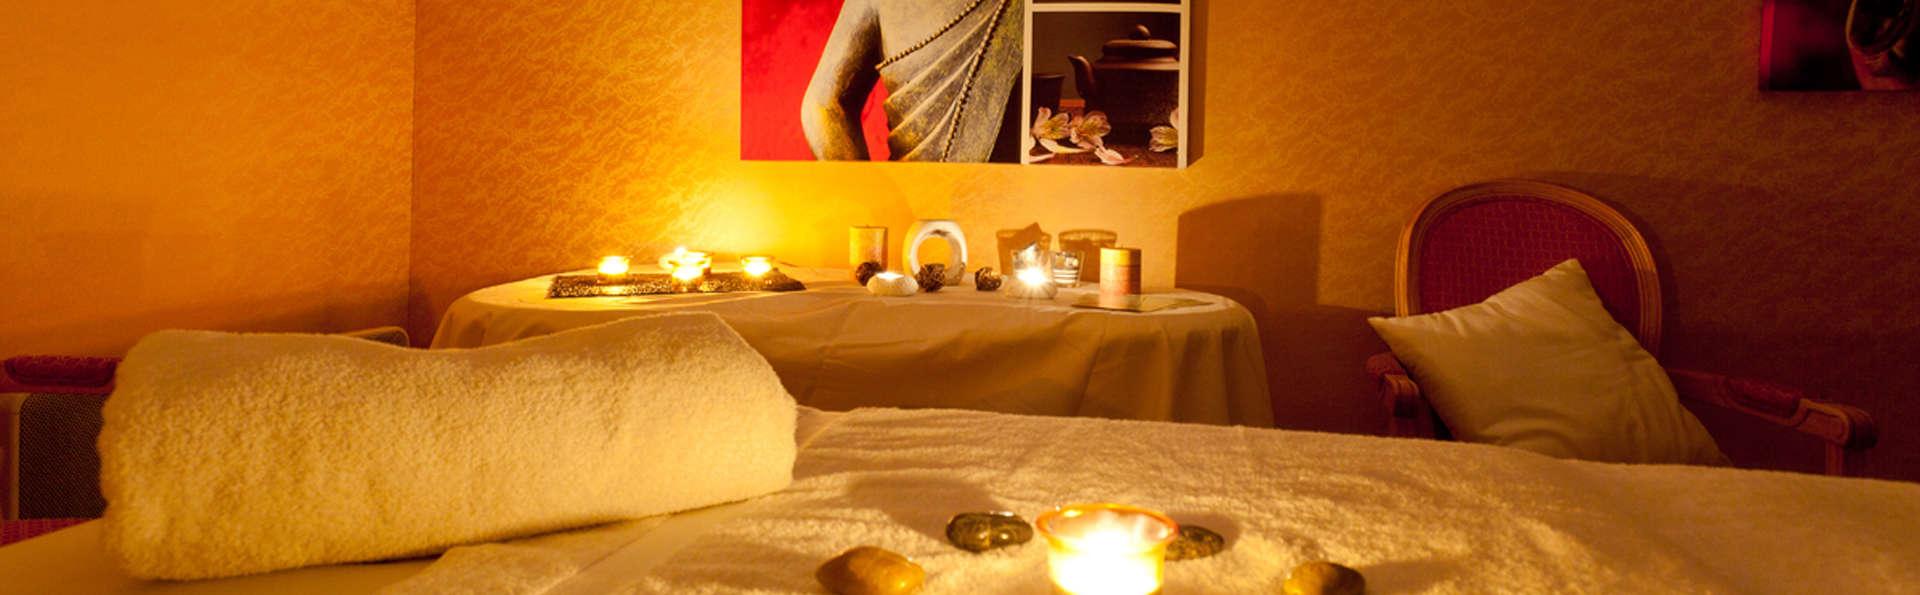 Disfruta de una escapada de bienestar con masaje en Cannes